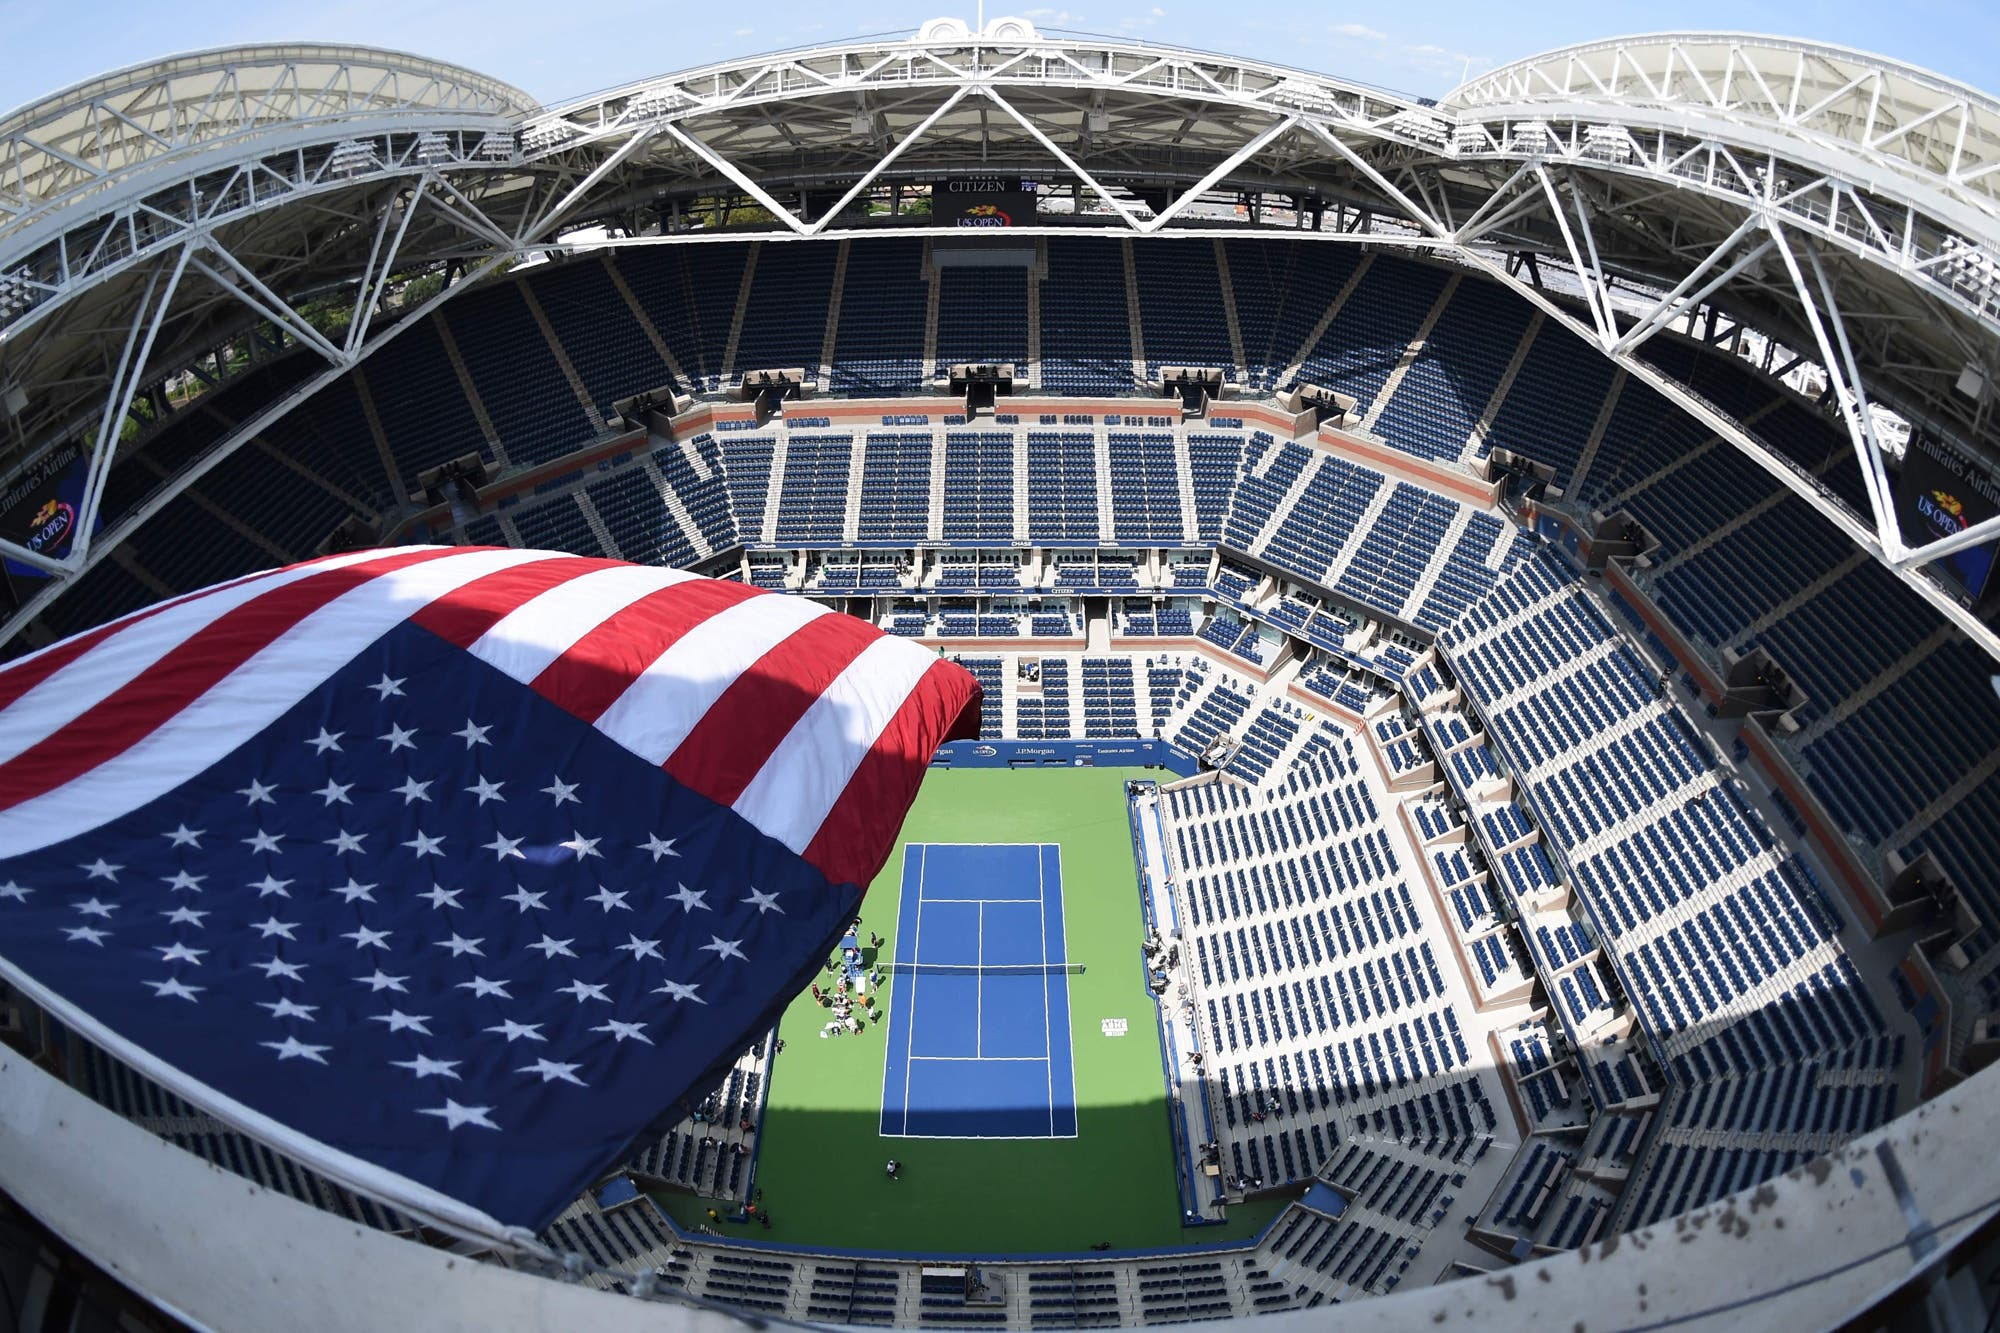 Tenis 2x1: la propuesta para jugar un Masters 1000 y el US Open en Nueva York